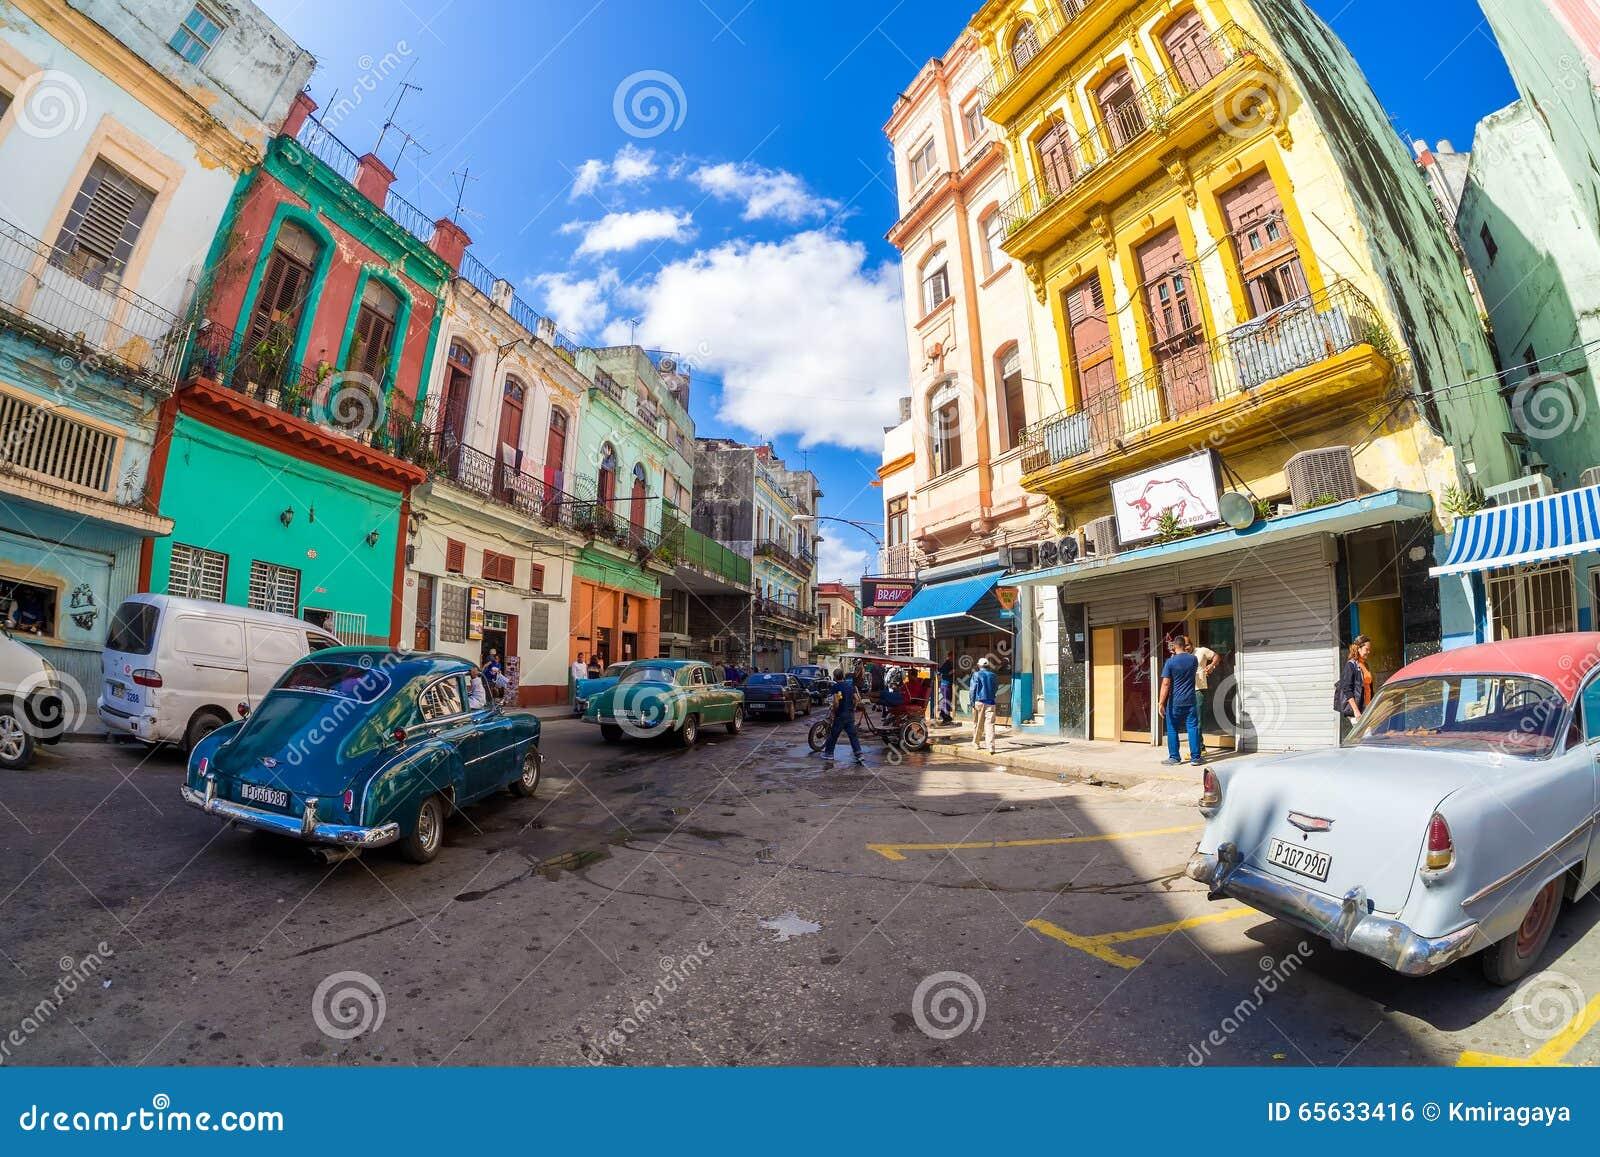 Vieilles voitures classiques et bâtiments colorés à La Havane